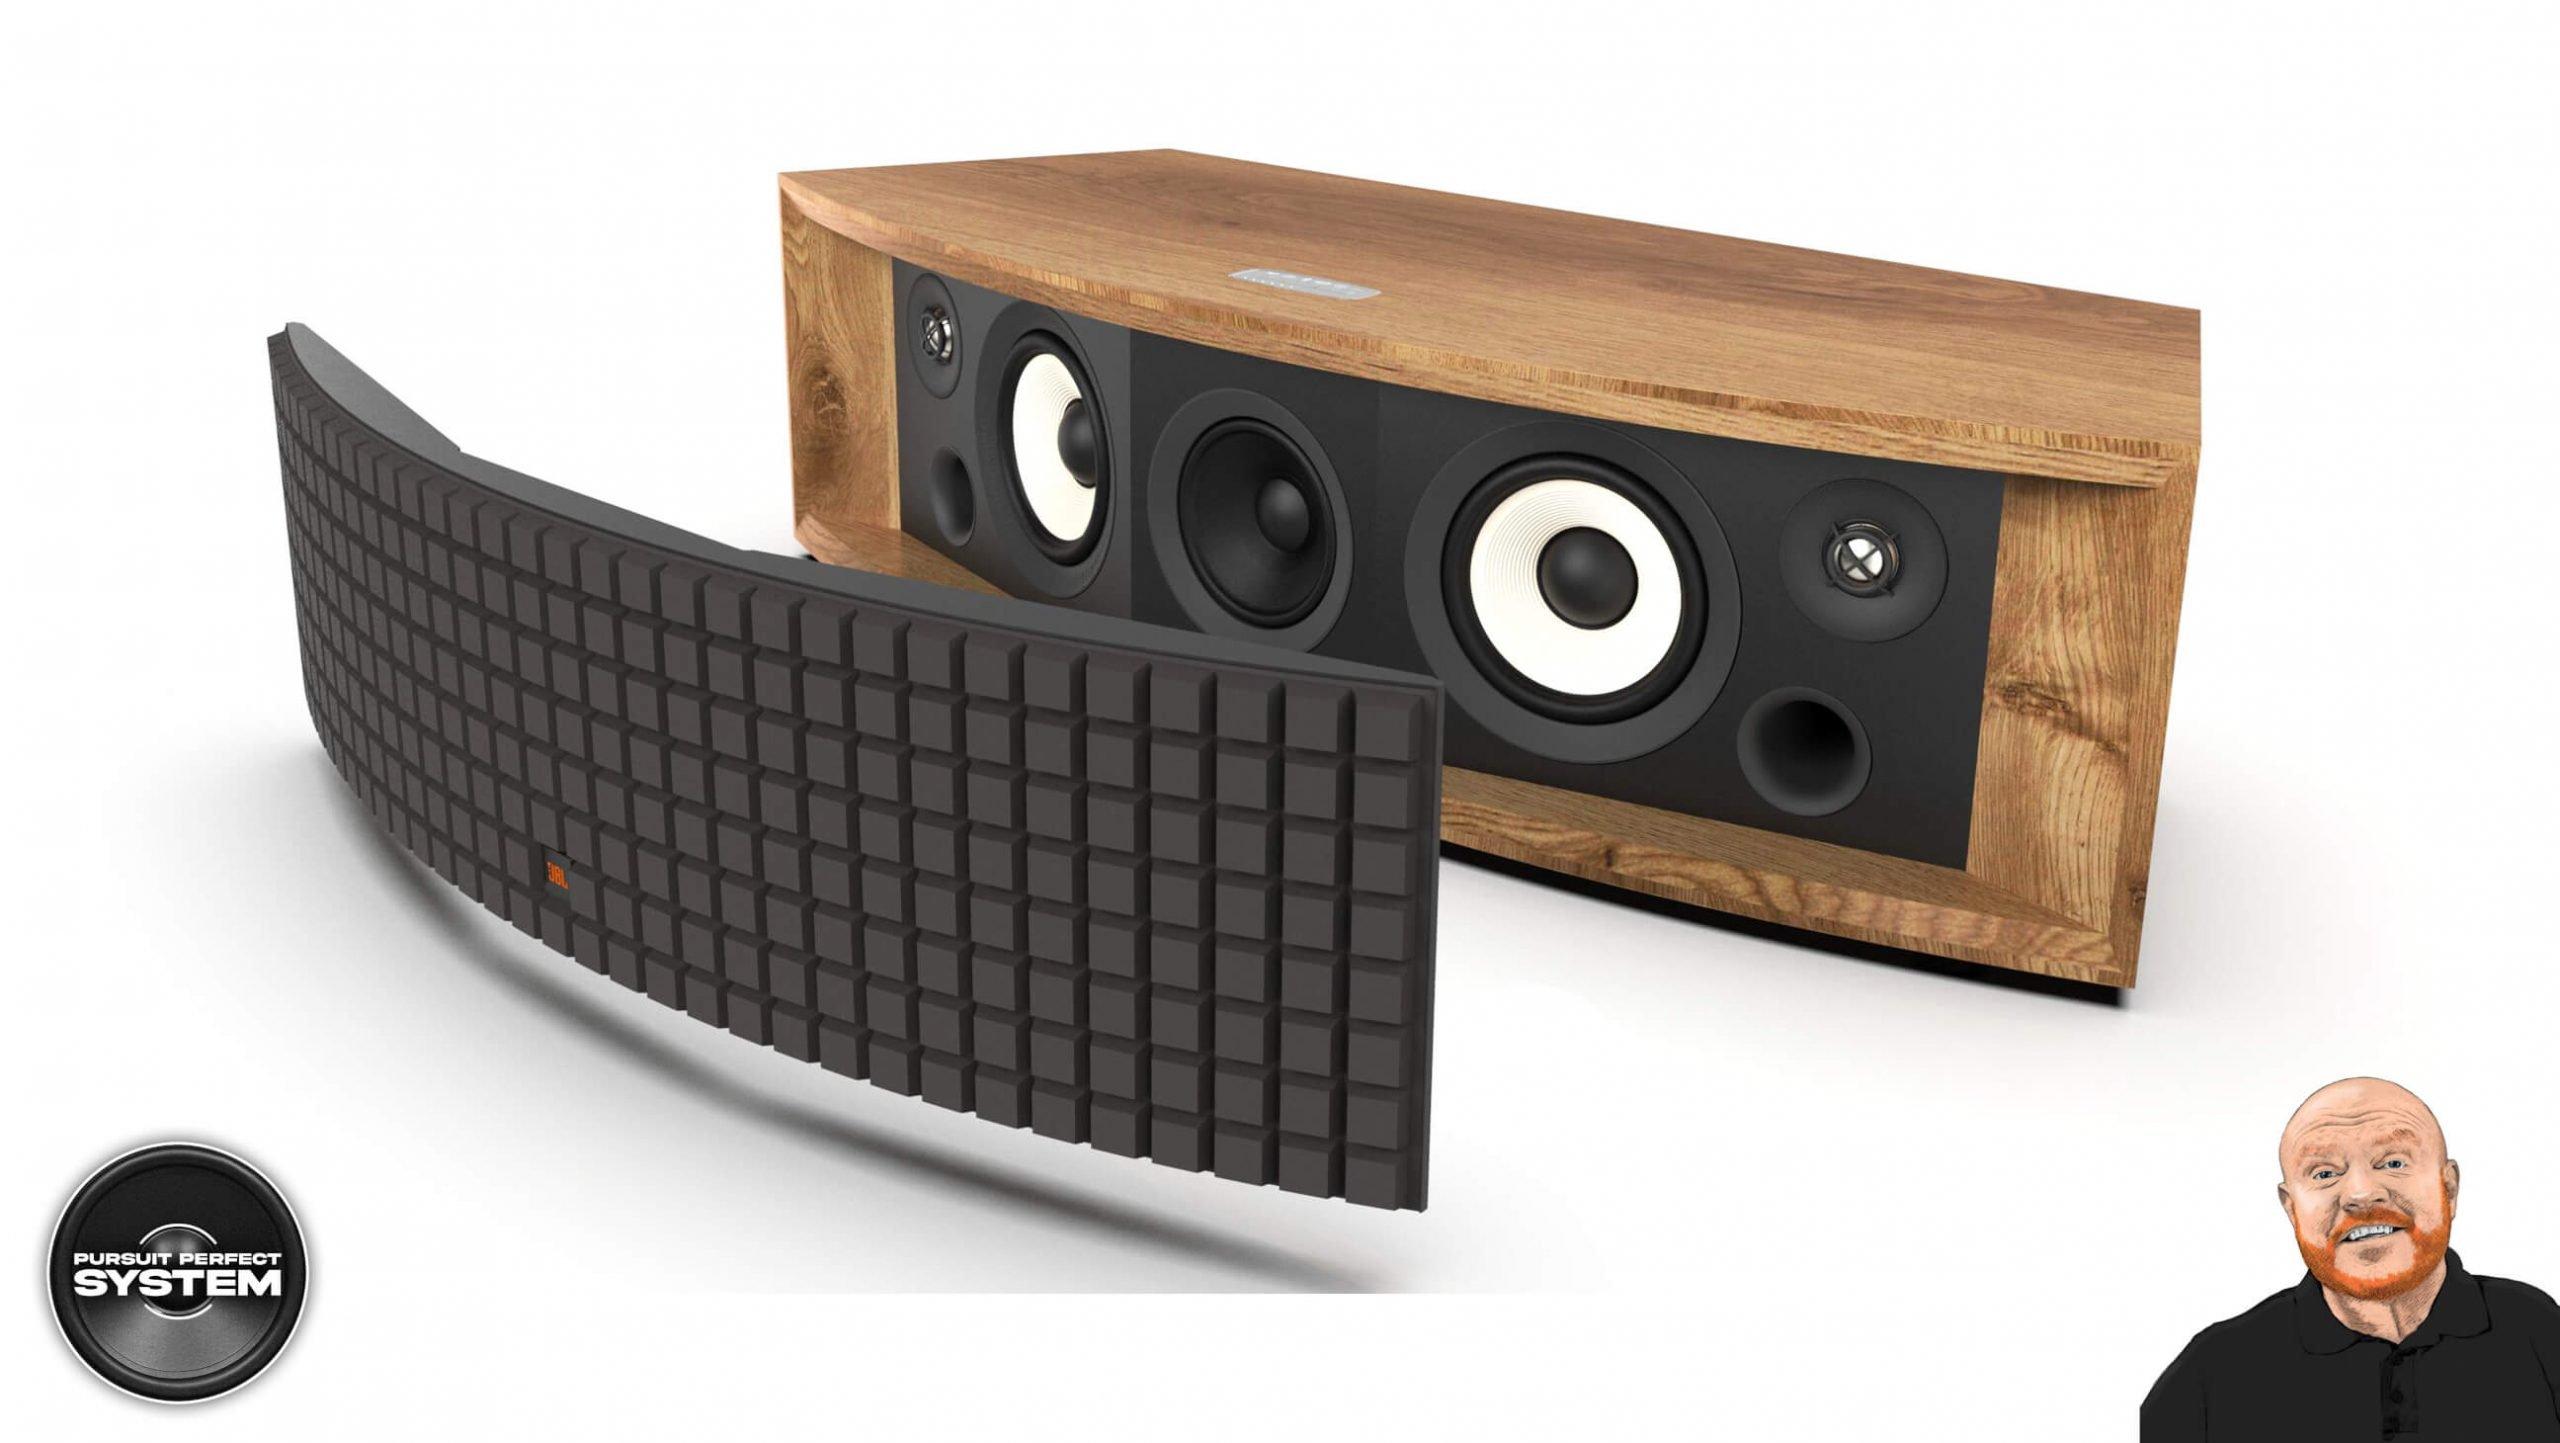 JBL L75 all in speaker system sound bar website 1